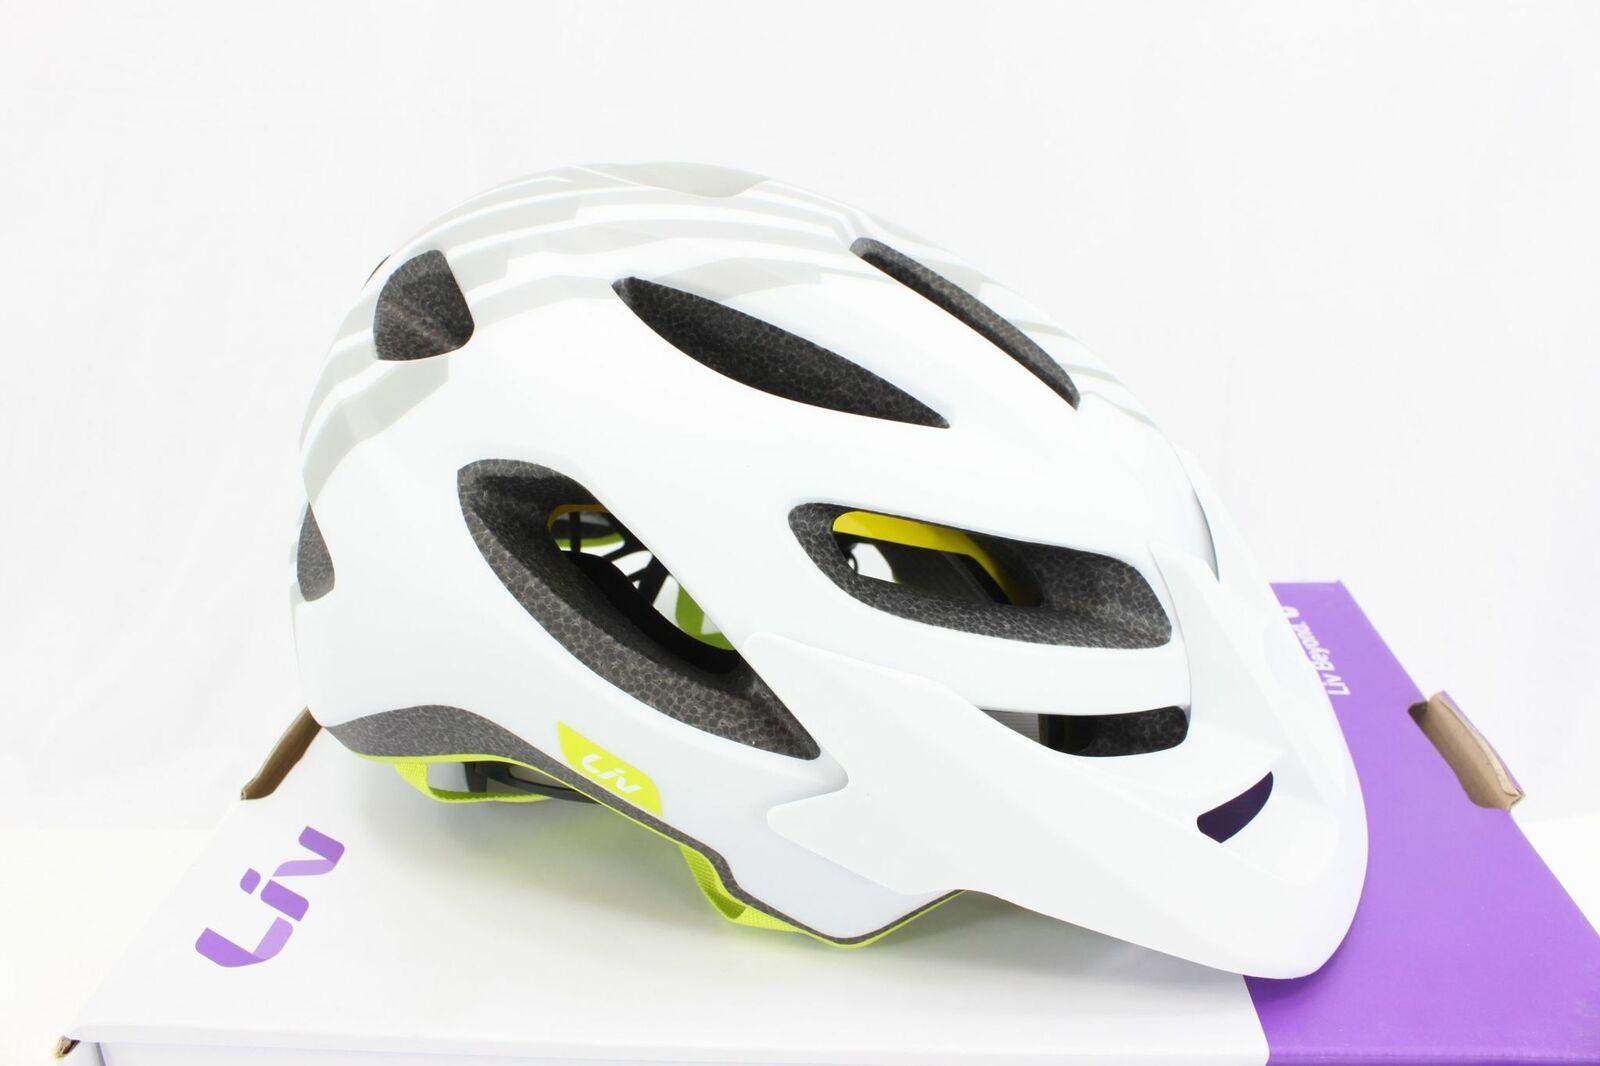 Giant Liv Cycling Coveta MIPS Bike Helmet Tonal grigio Smtutti & Medium NIB